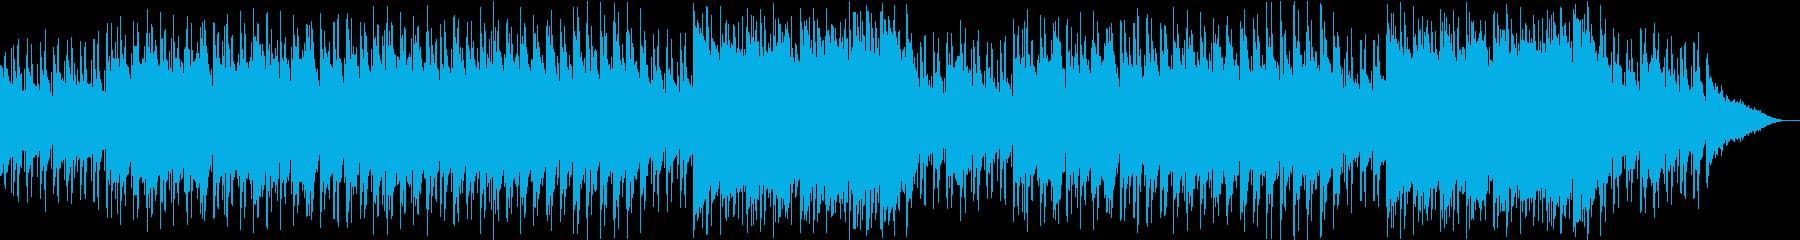 不思議な森、幻想的な雰囲気の3拍子BGMの再生済みの波形